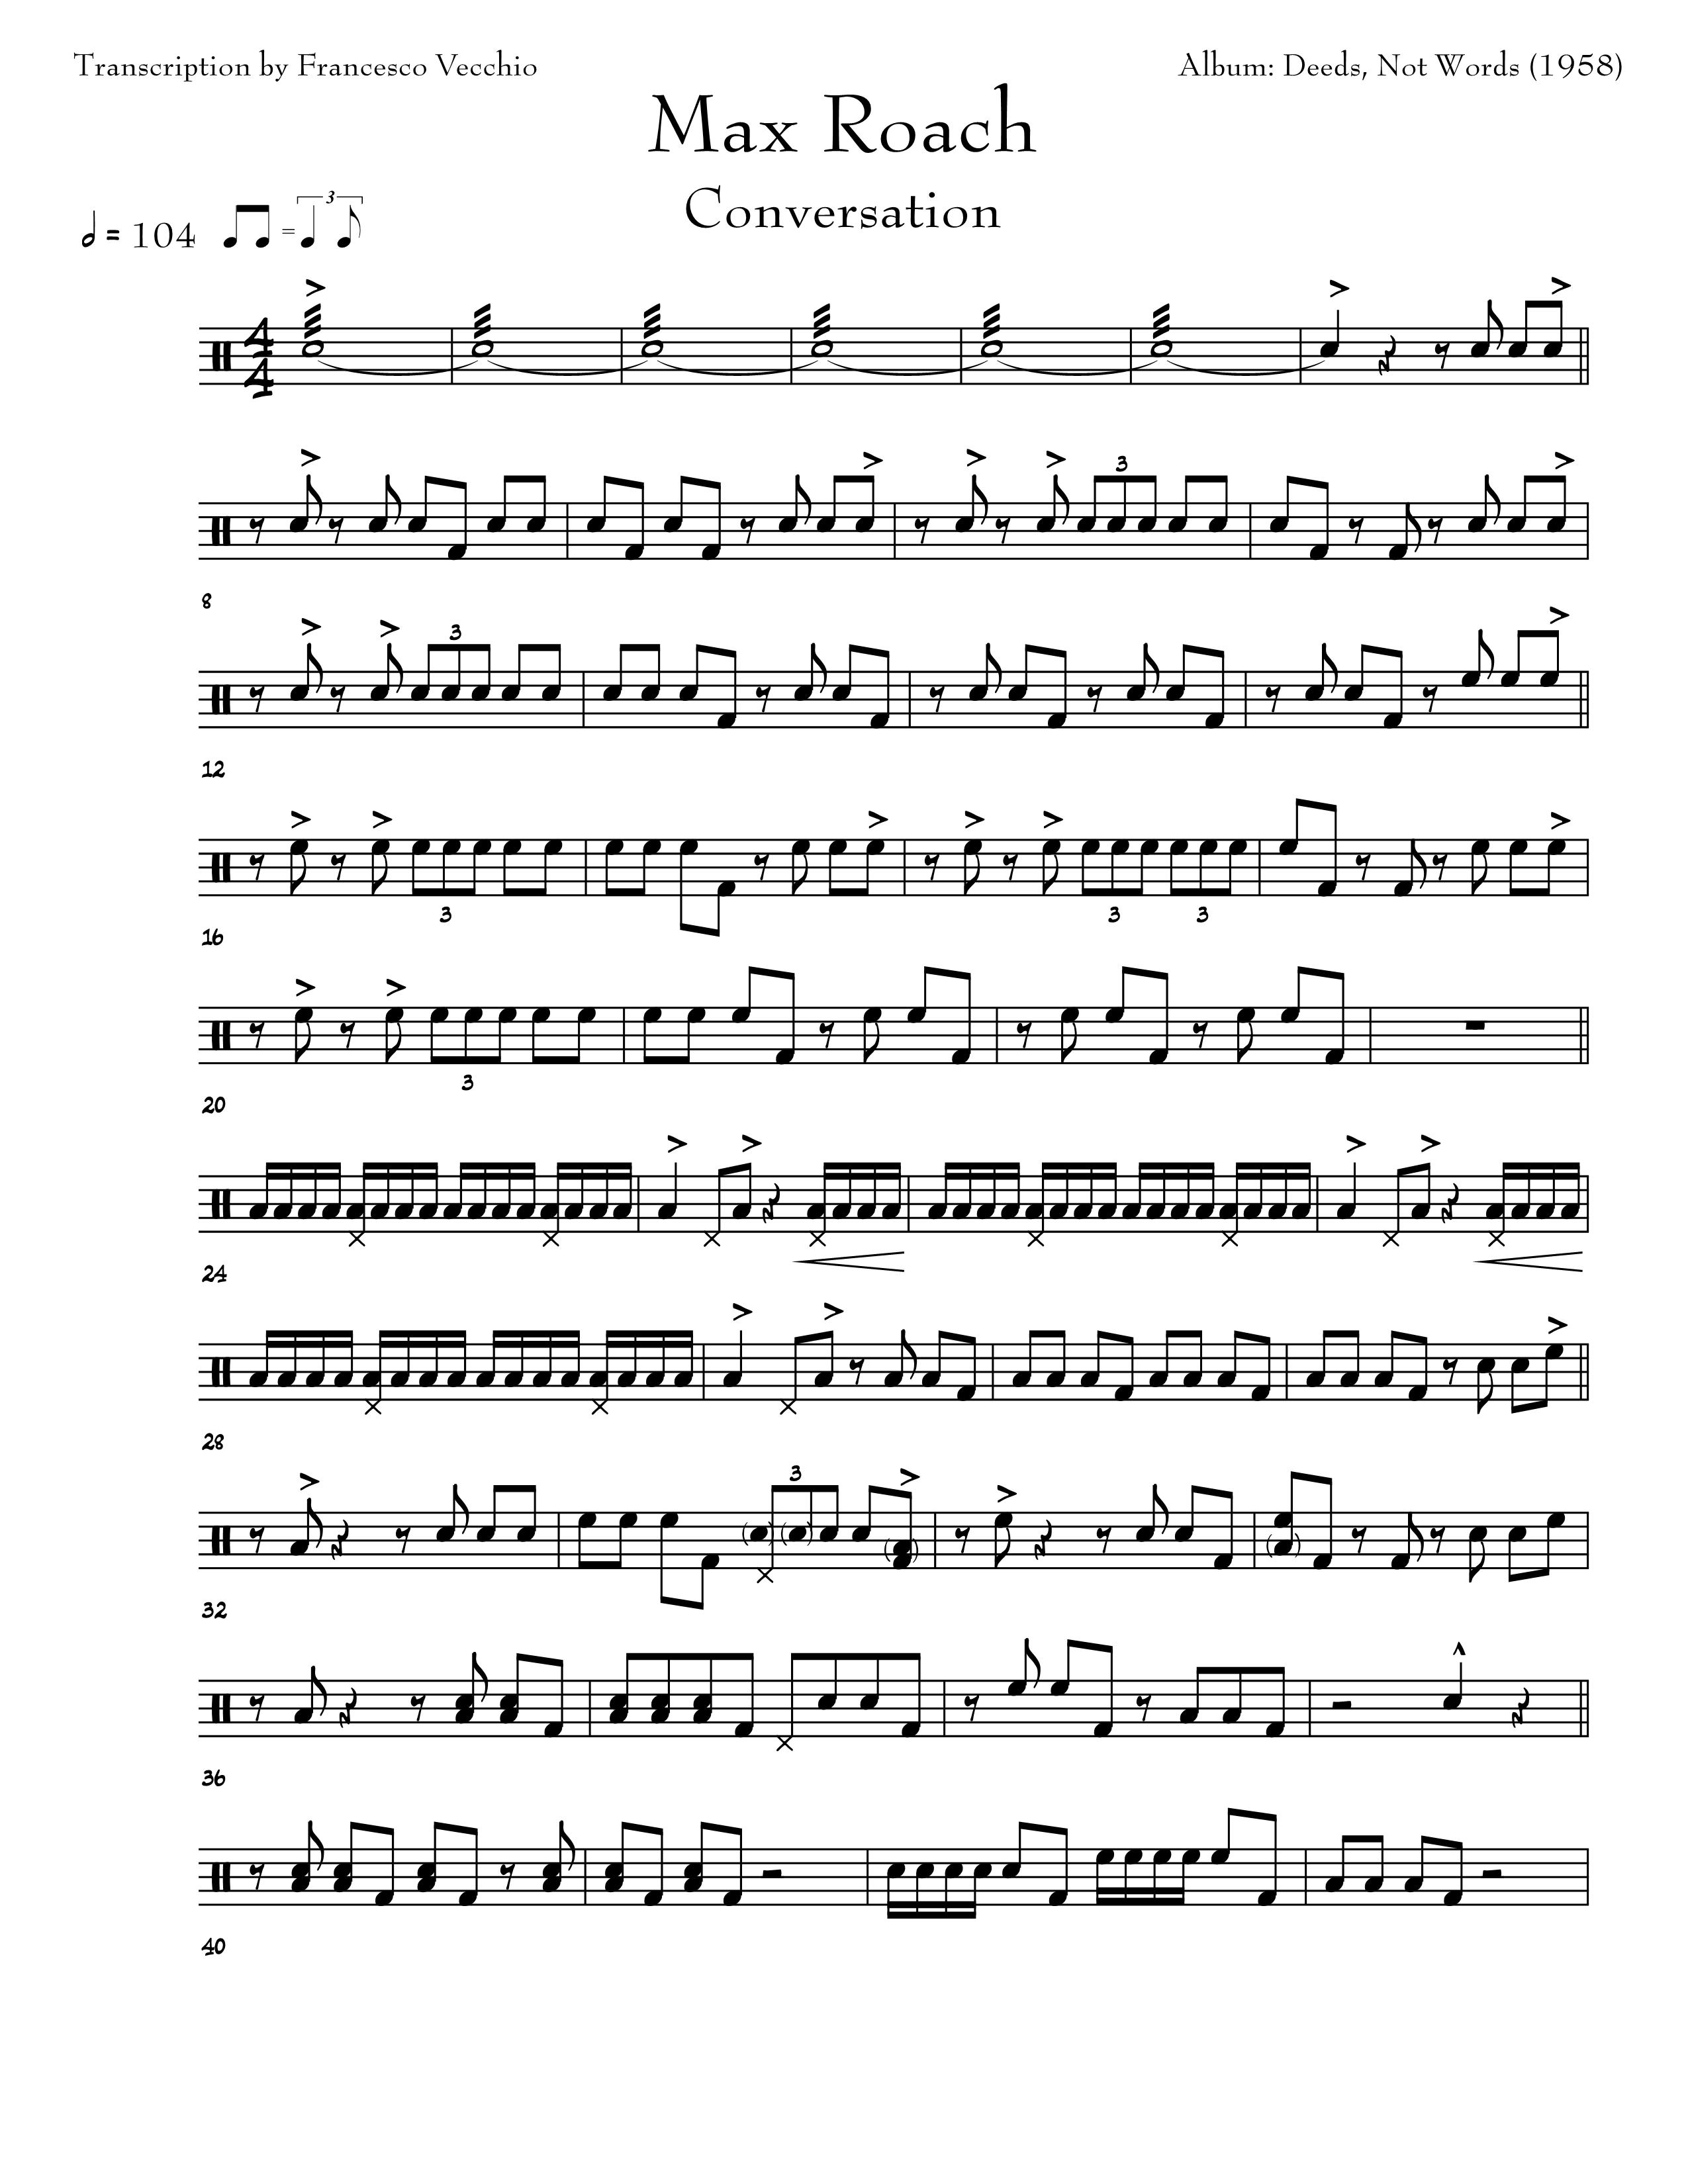 max roach conversation drum transcription